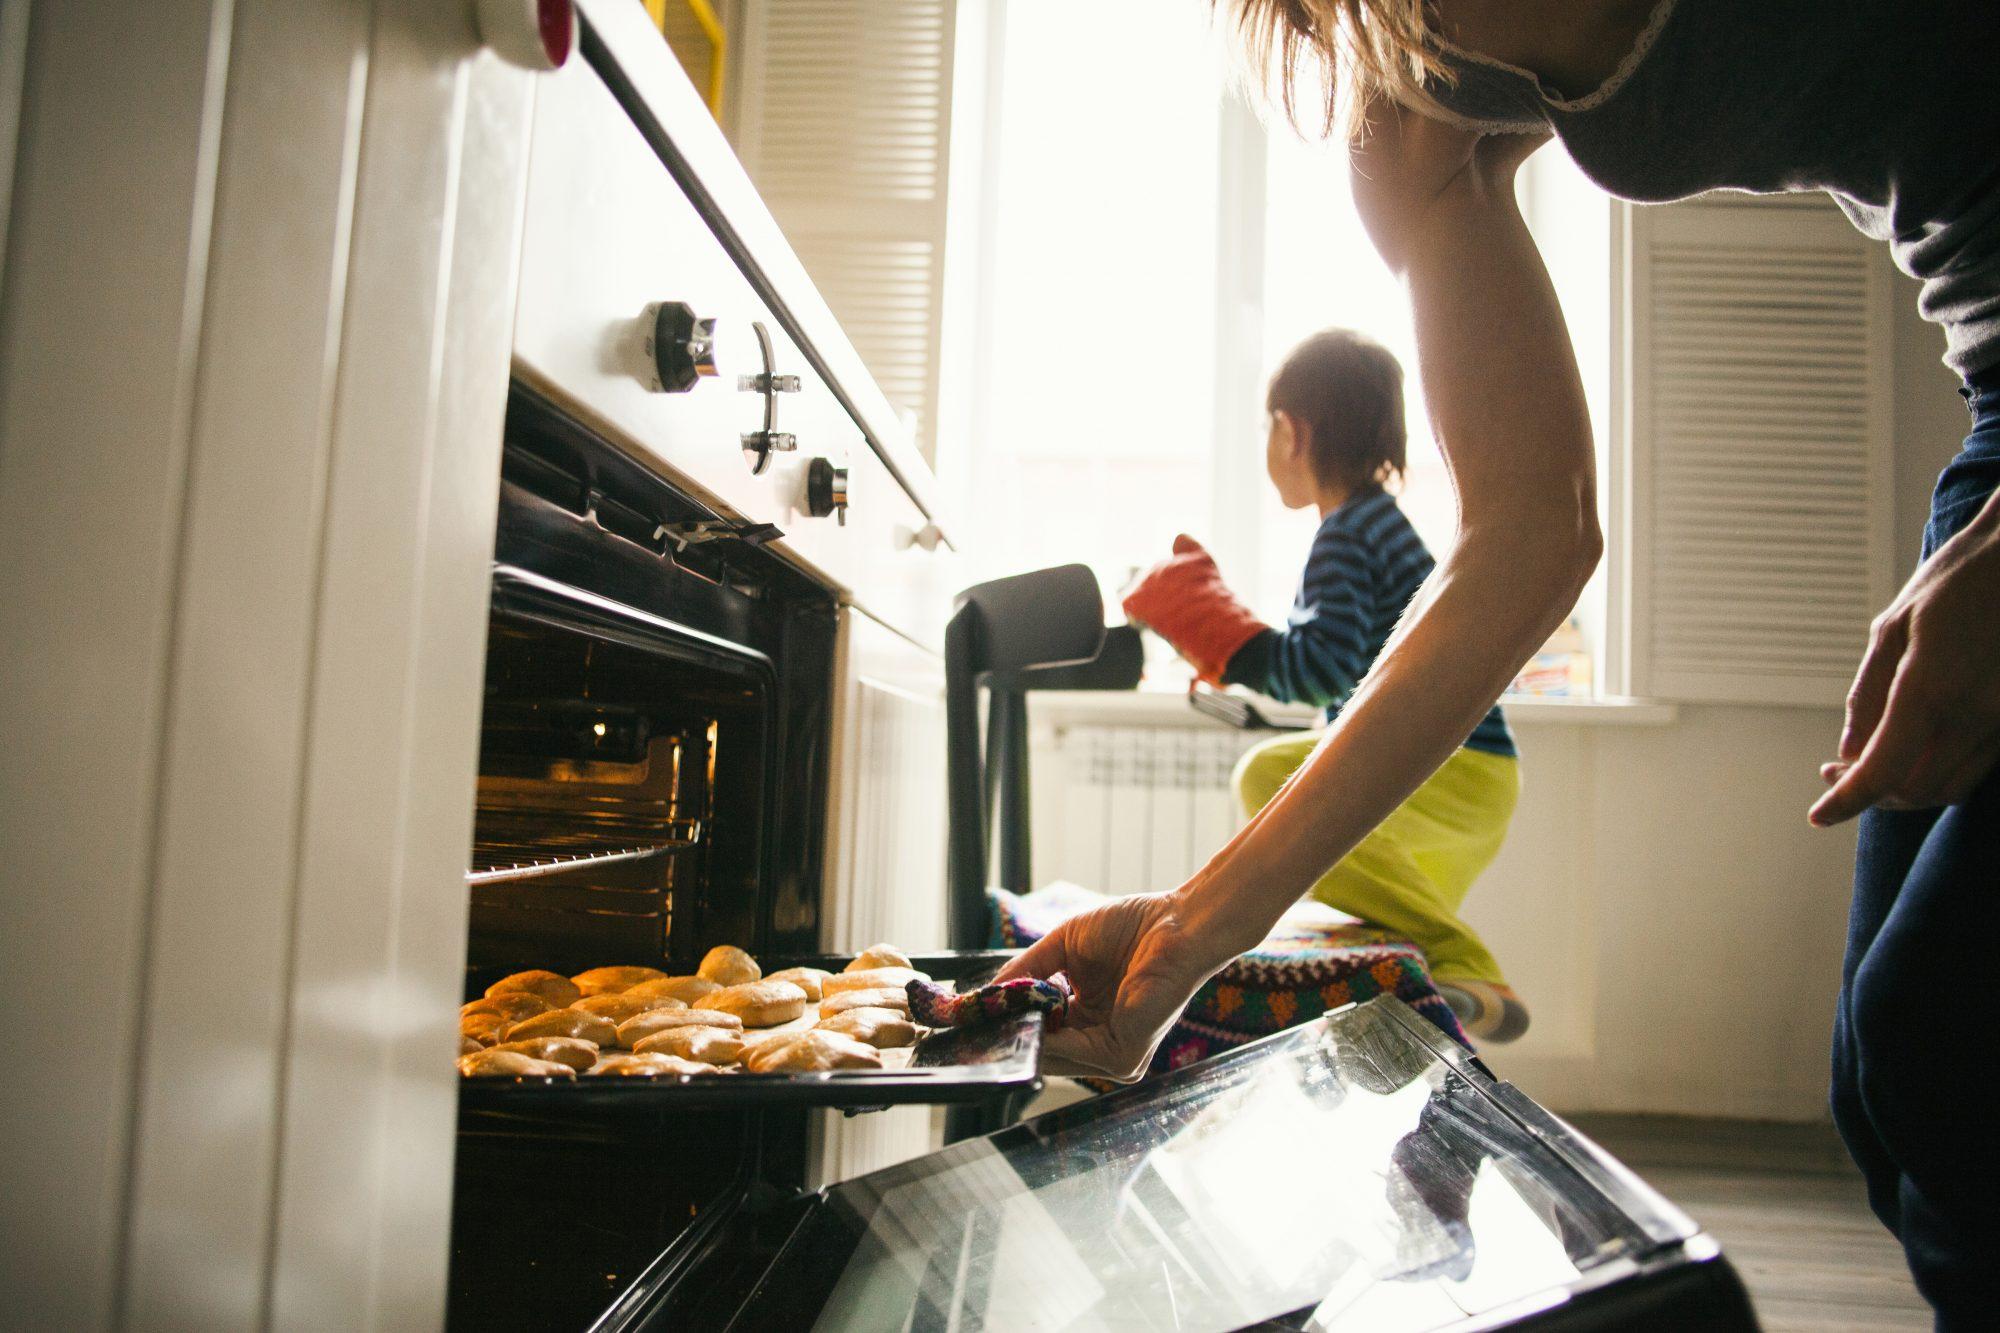 getty-hot-kitchen-image